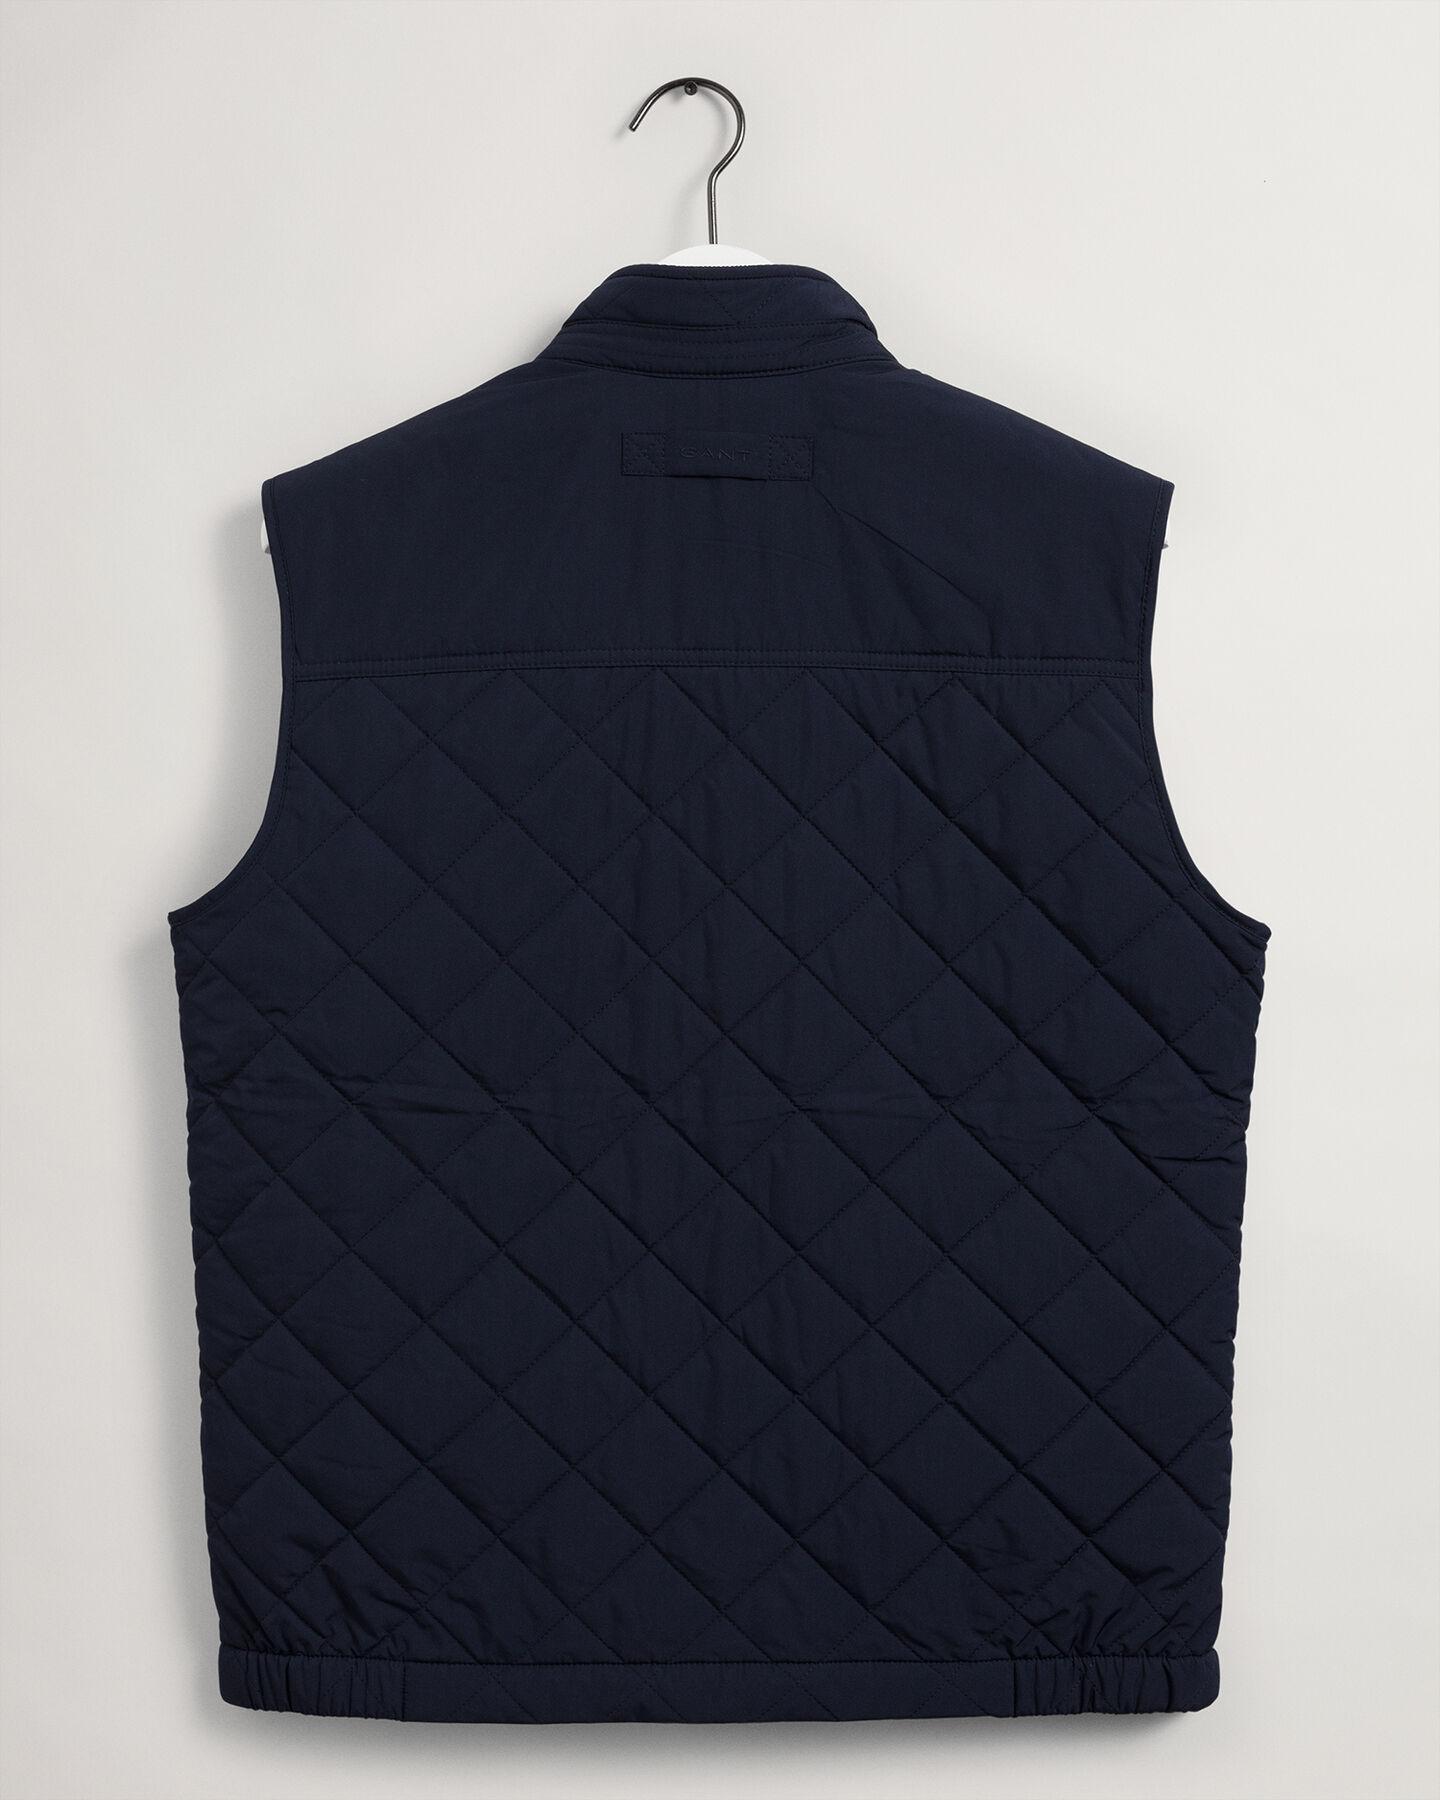 Gant Quiltet Windcheater Vest, Evening Blue, L